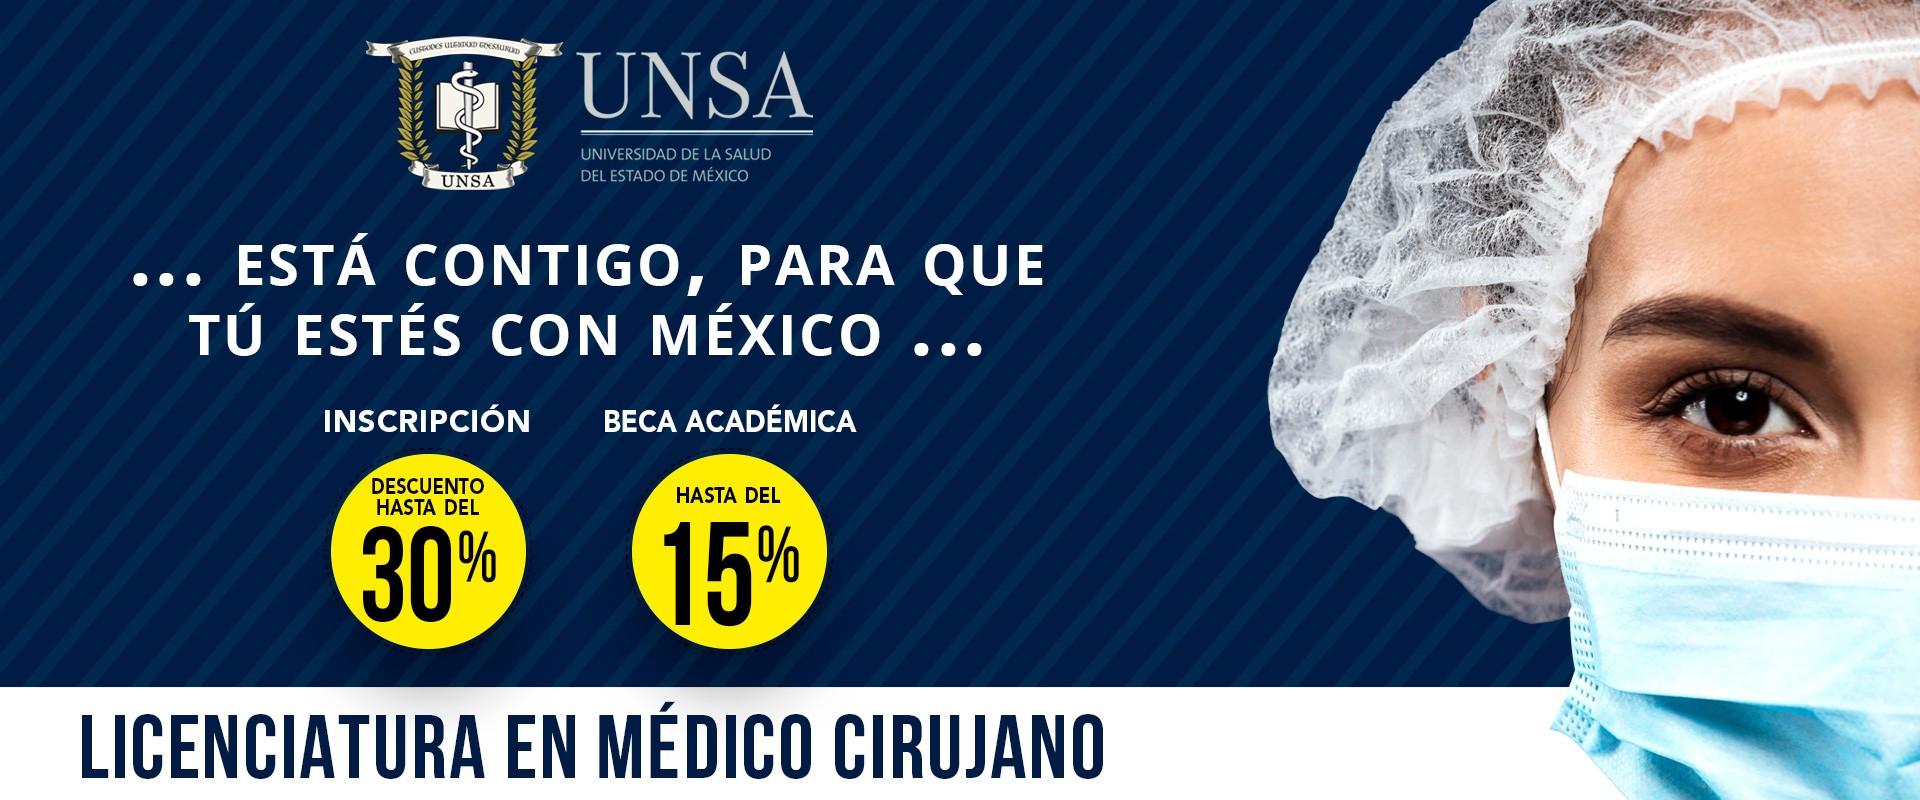 UNSA - Licenciatura en Médico Cirujano